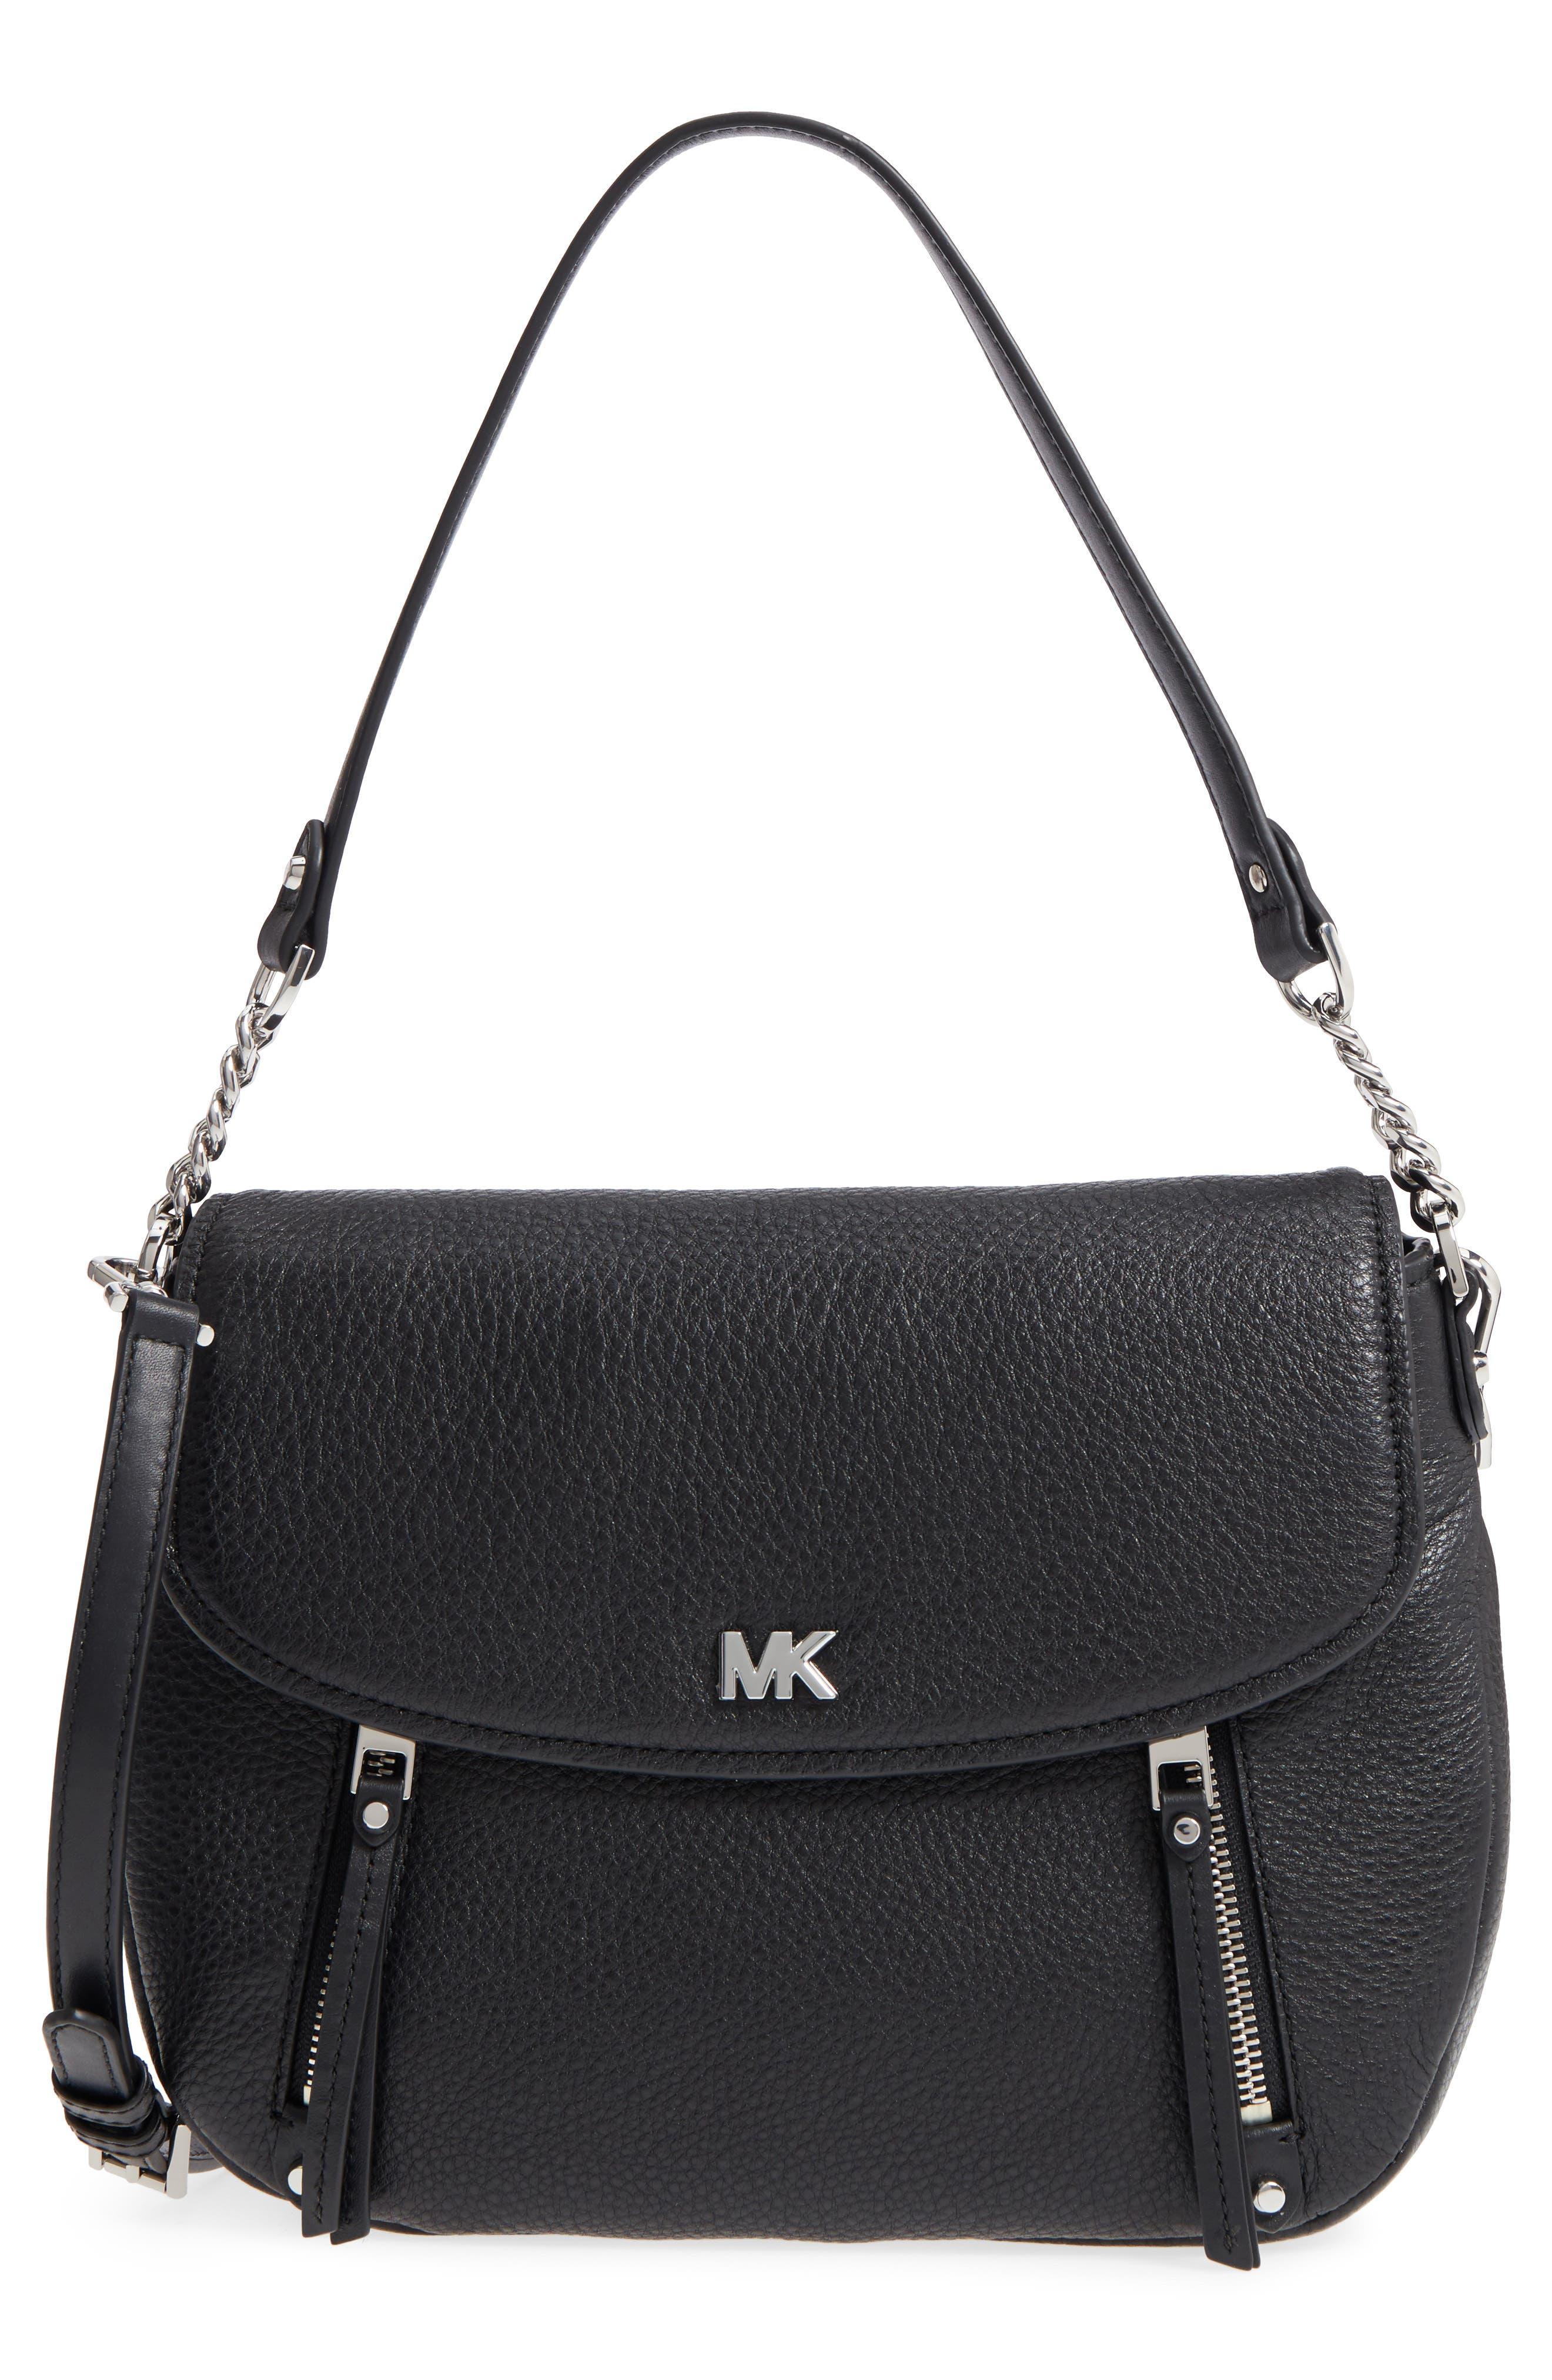 Medium Leather Shoulder Bag,                         Main,                         color, 001